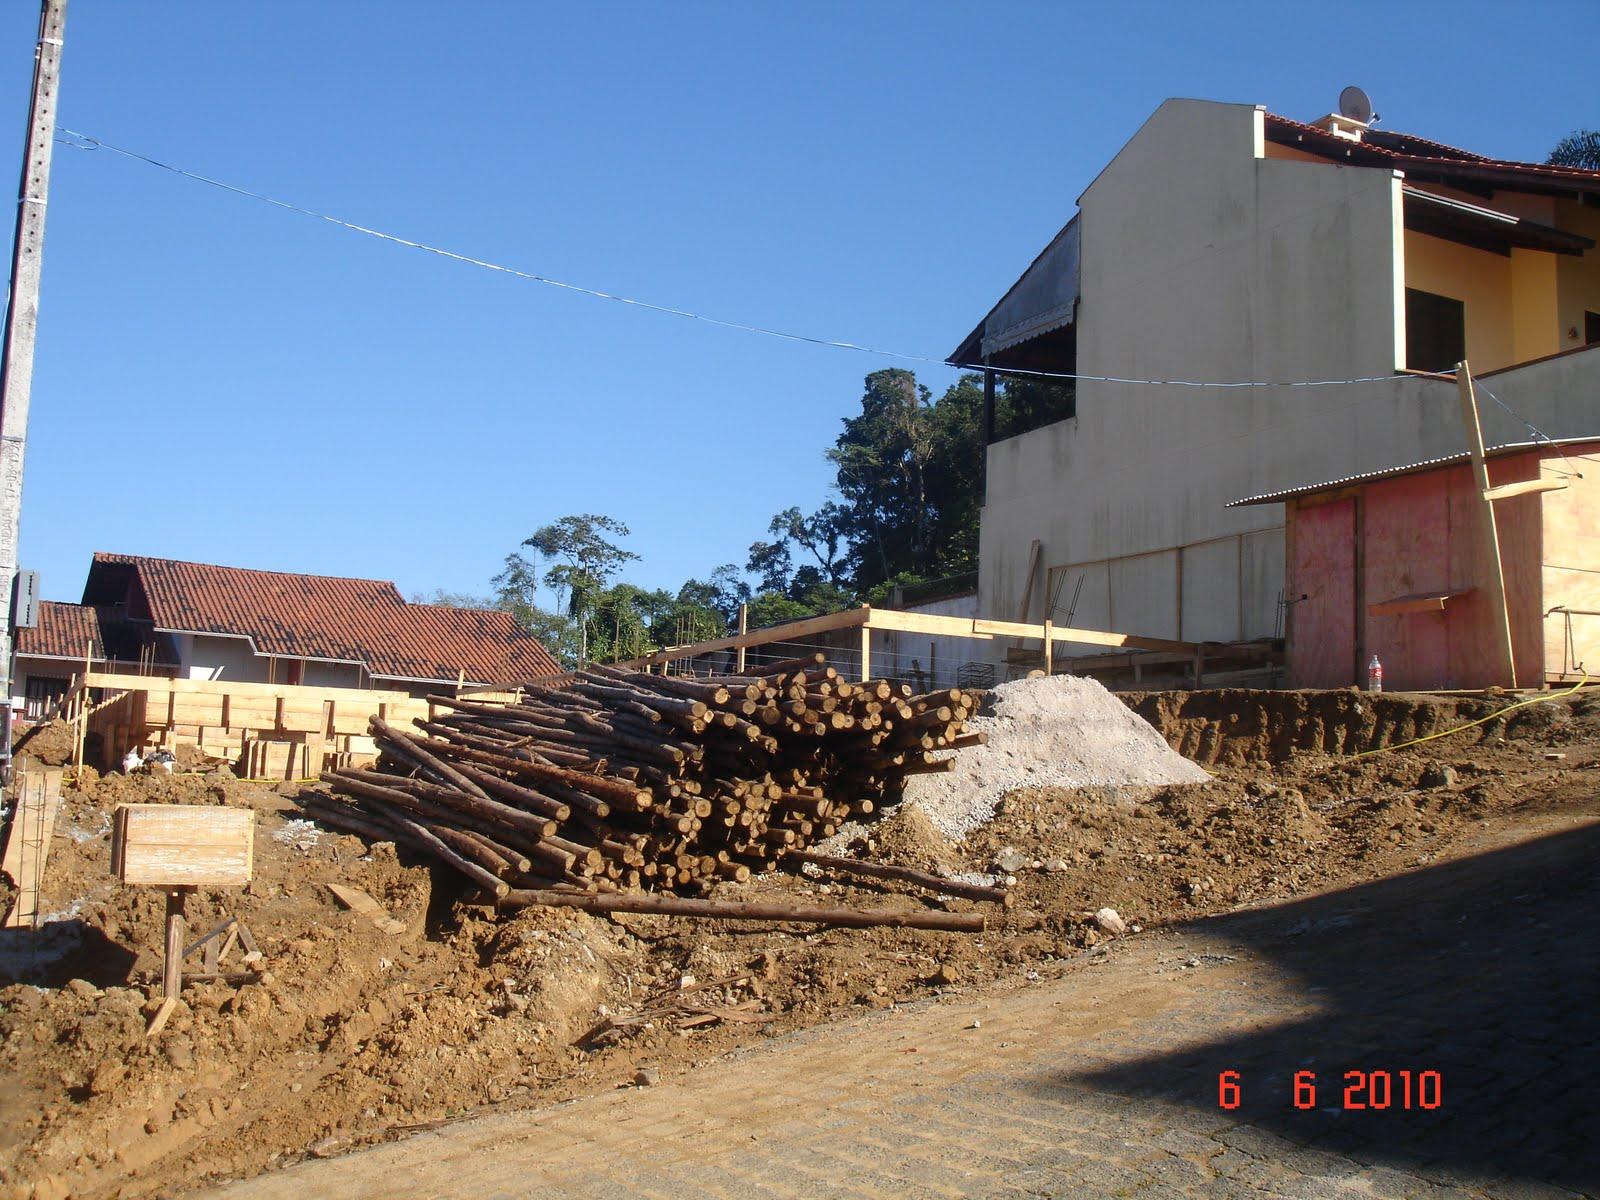 Nossa Casa no Site Construção da fundação ao acabamento: Fotos  #1161BA 1600 1200